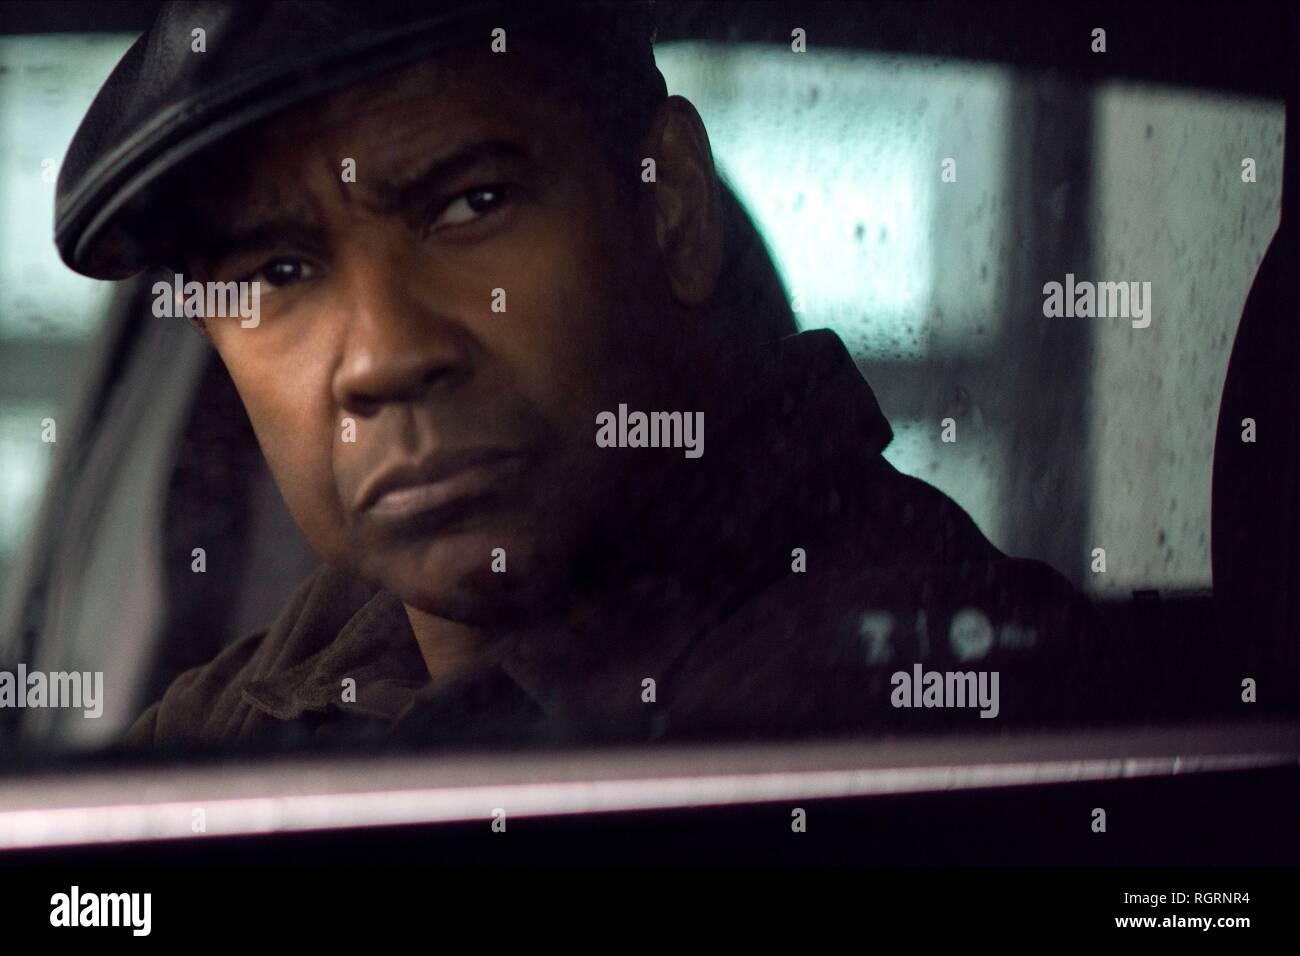 Denzel Washington The Equalizer 2 2018 Stock Photo Alamy